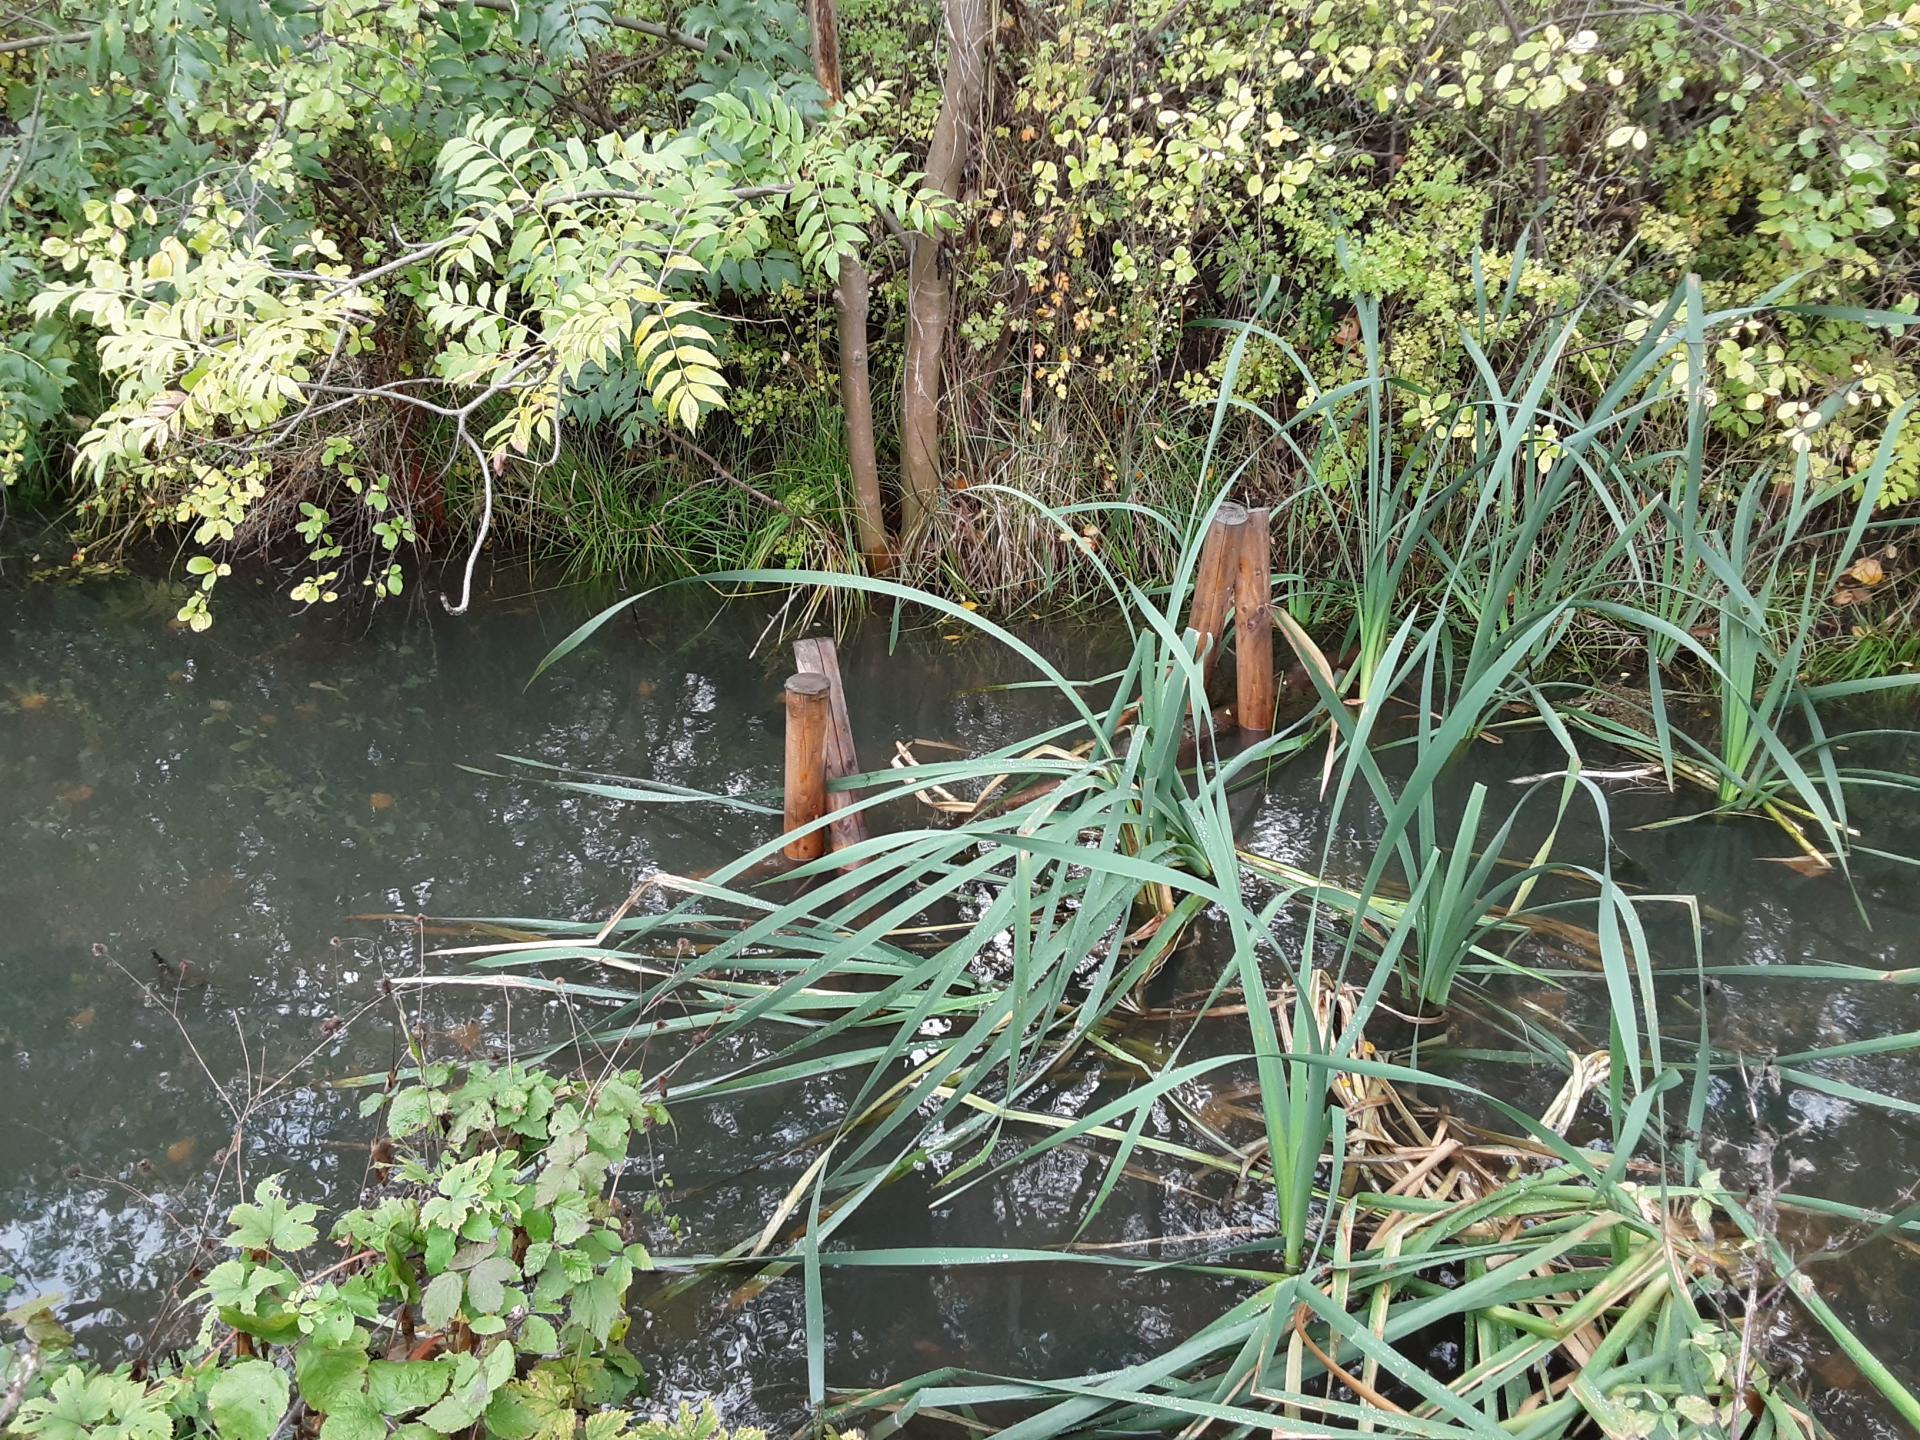 Rohrkolbenbewuchs im Strickgraben